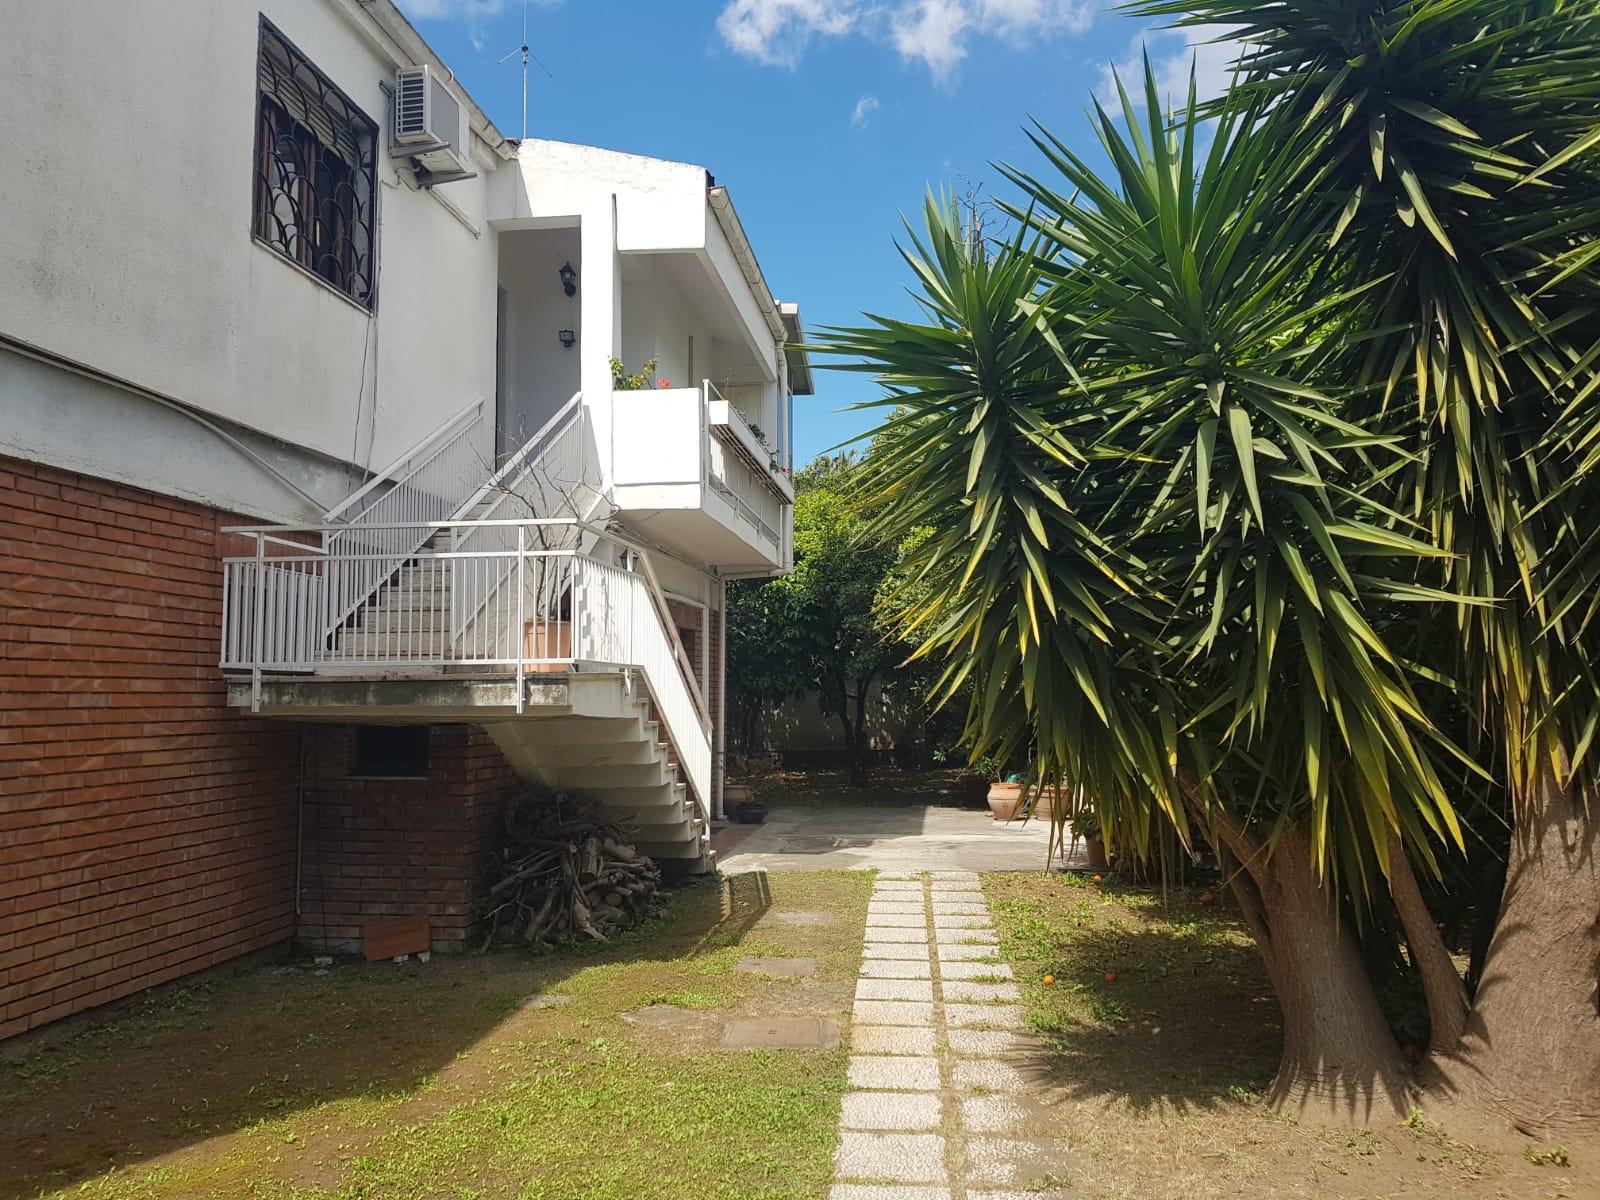 Canalicchio,villa divisibile con 1000mq di giardino